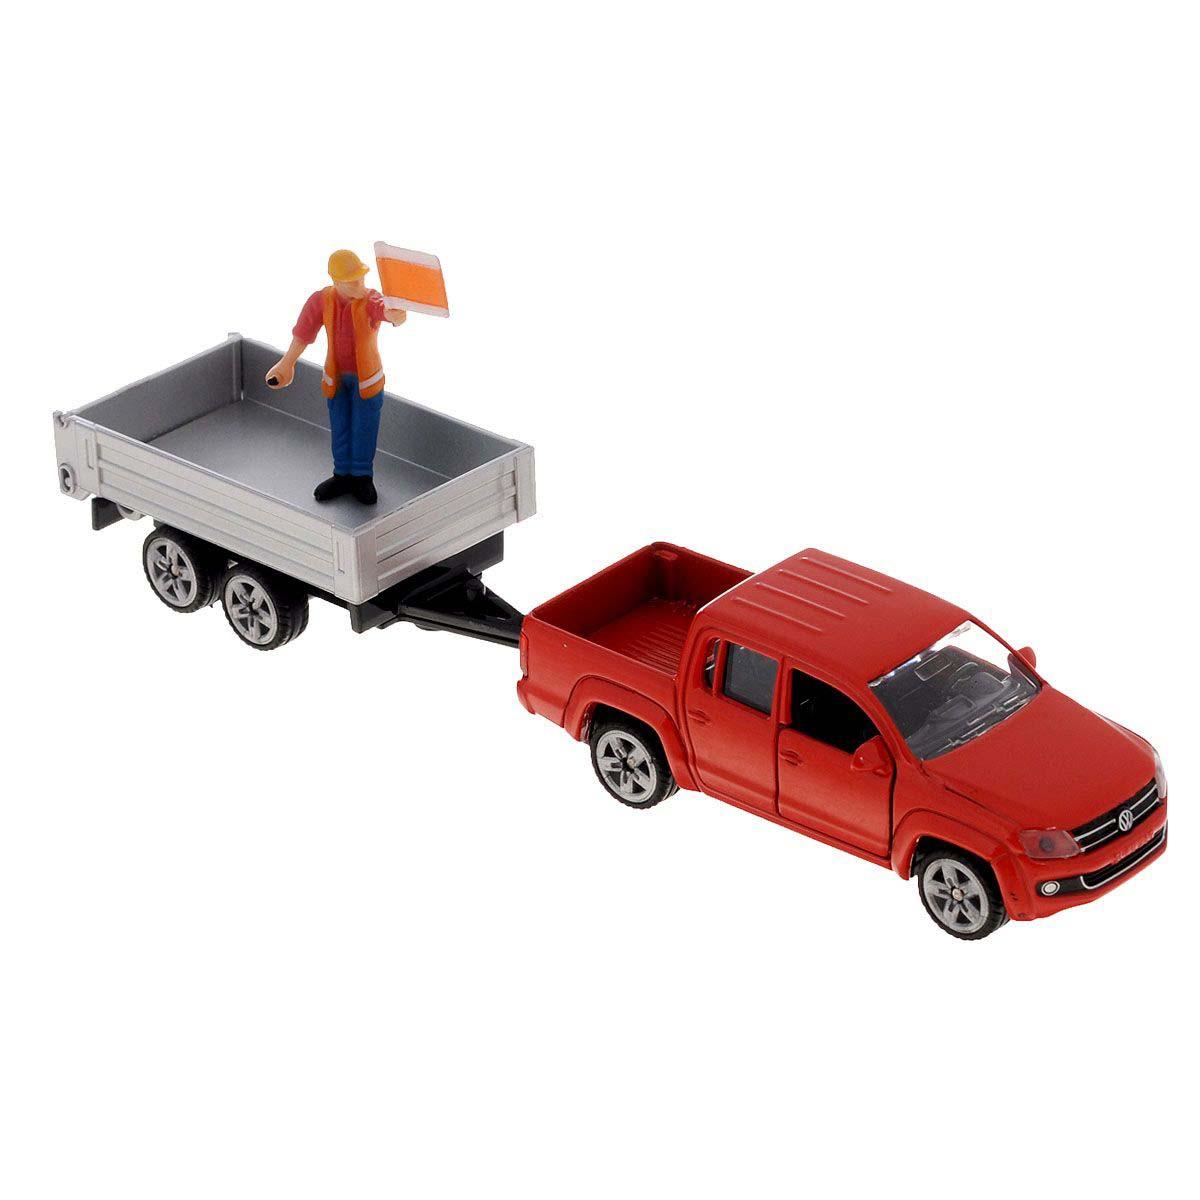 Купить Игрушечная модель - Машина с прицепом, 1:55, Siku